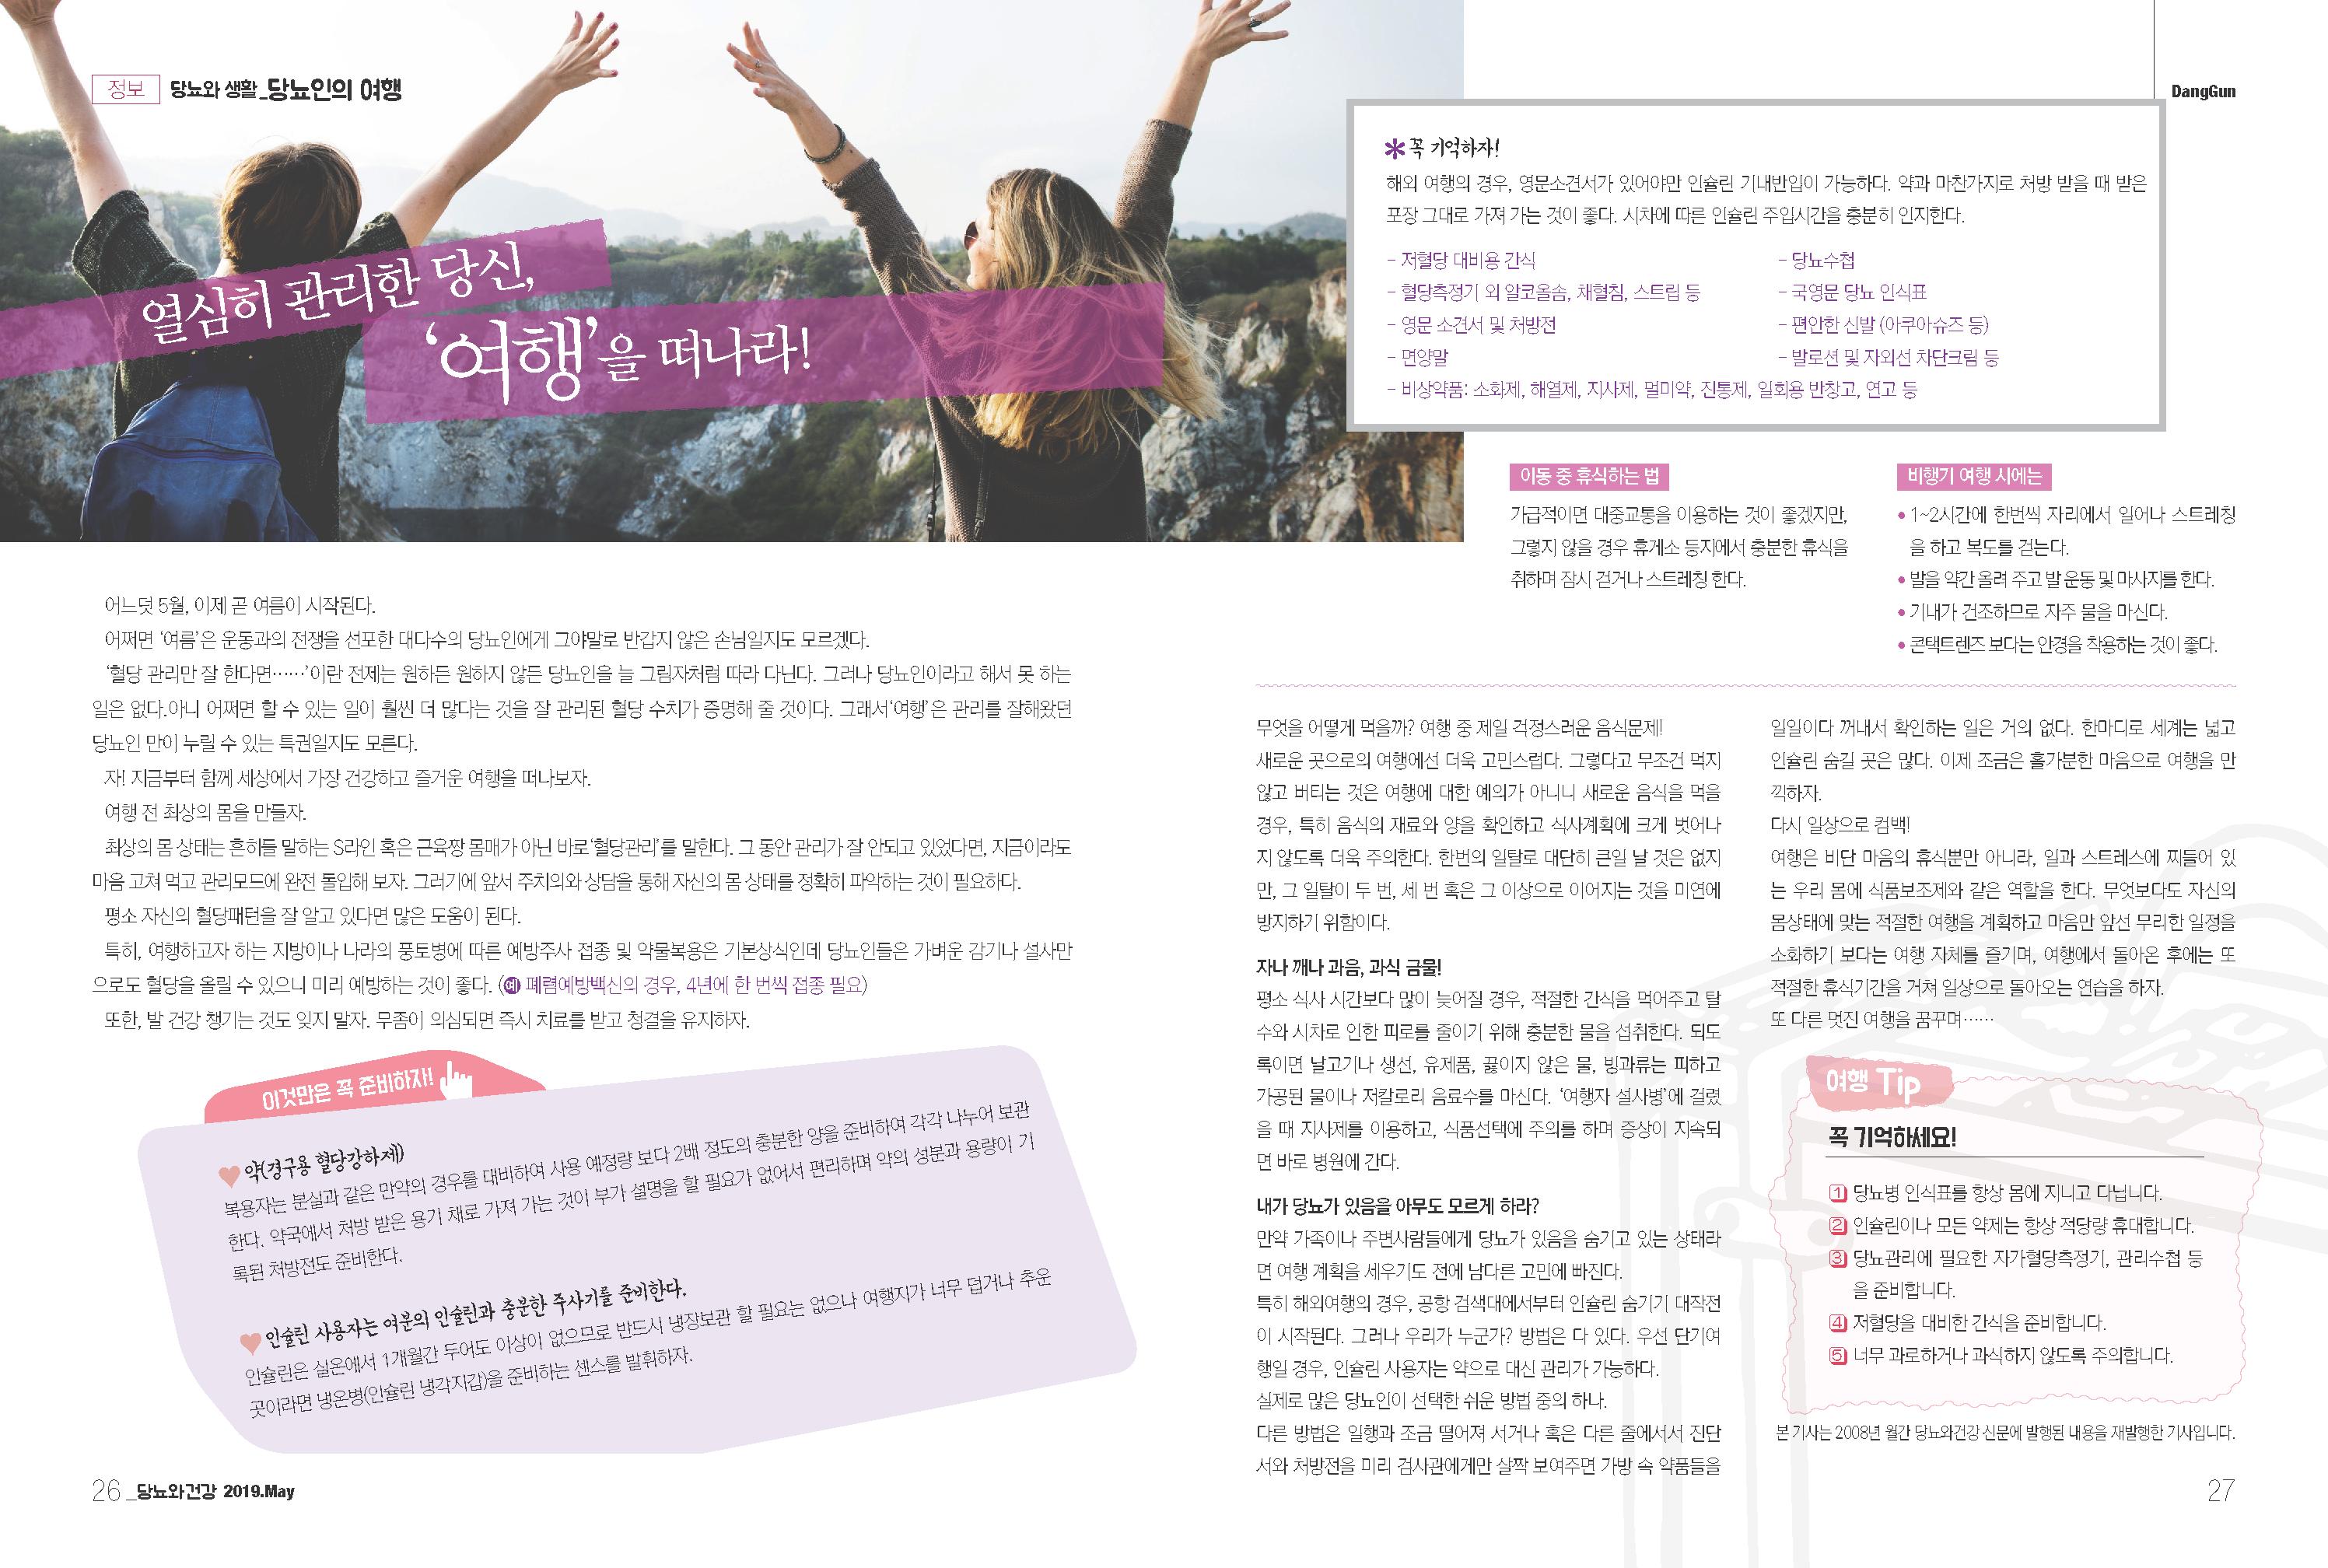 danggun_magazine_life.png